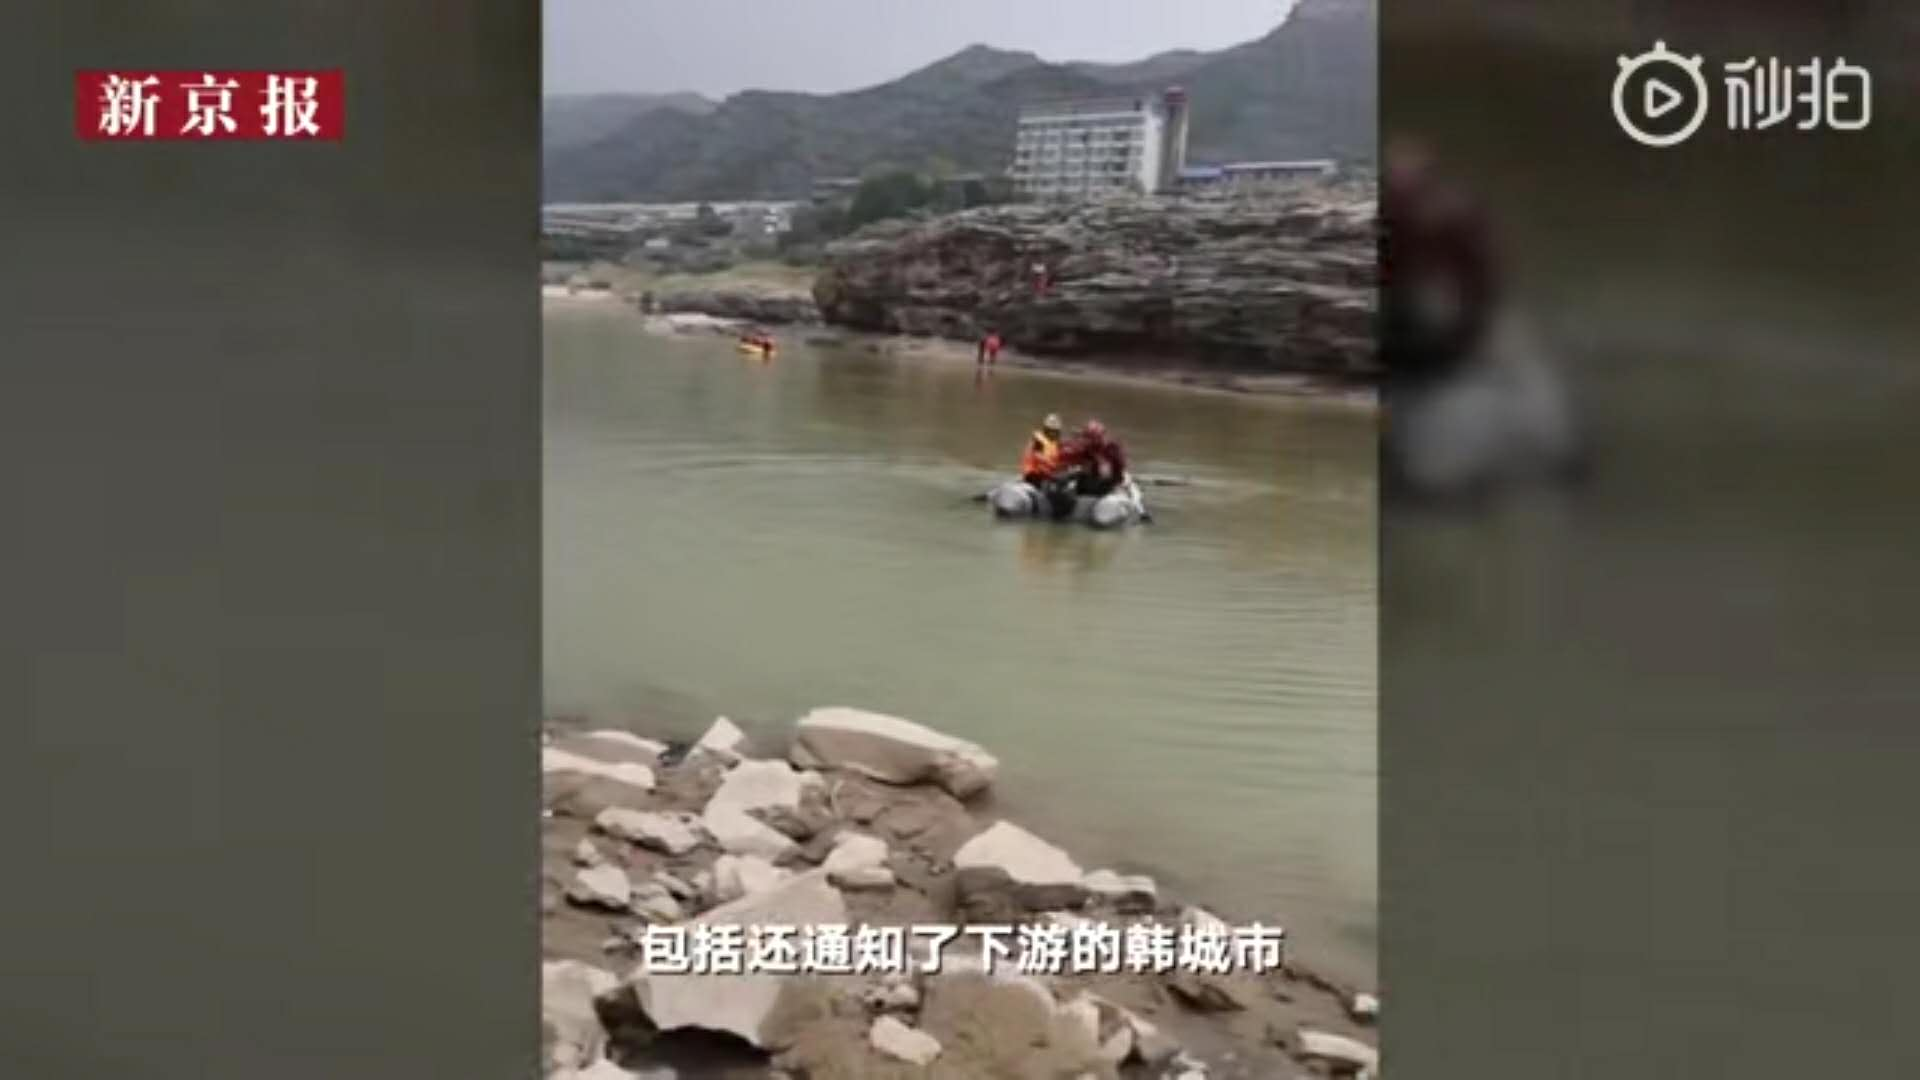 搜救队员乘坐皮筏艇在河面上搜寻。 新京报吾们视频截图